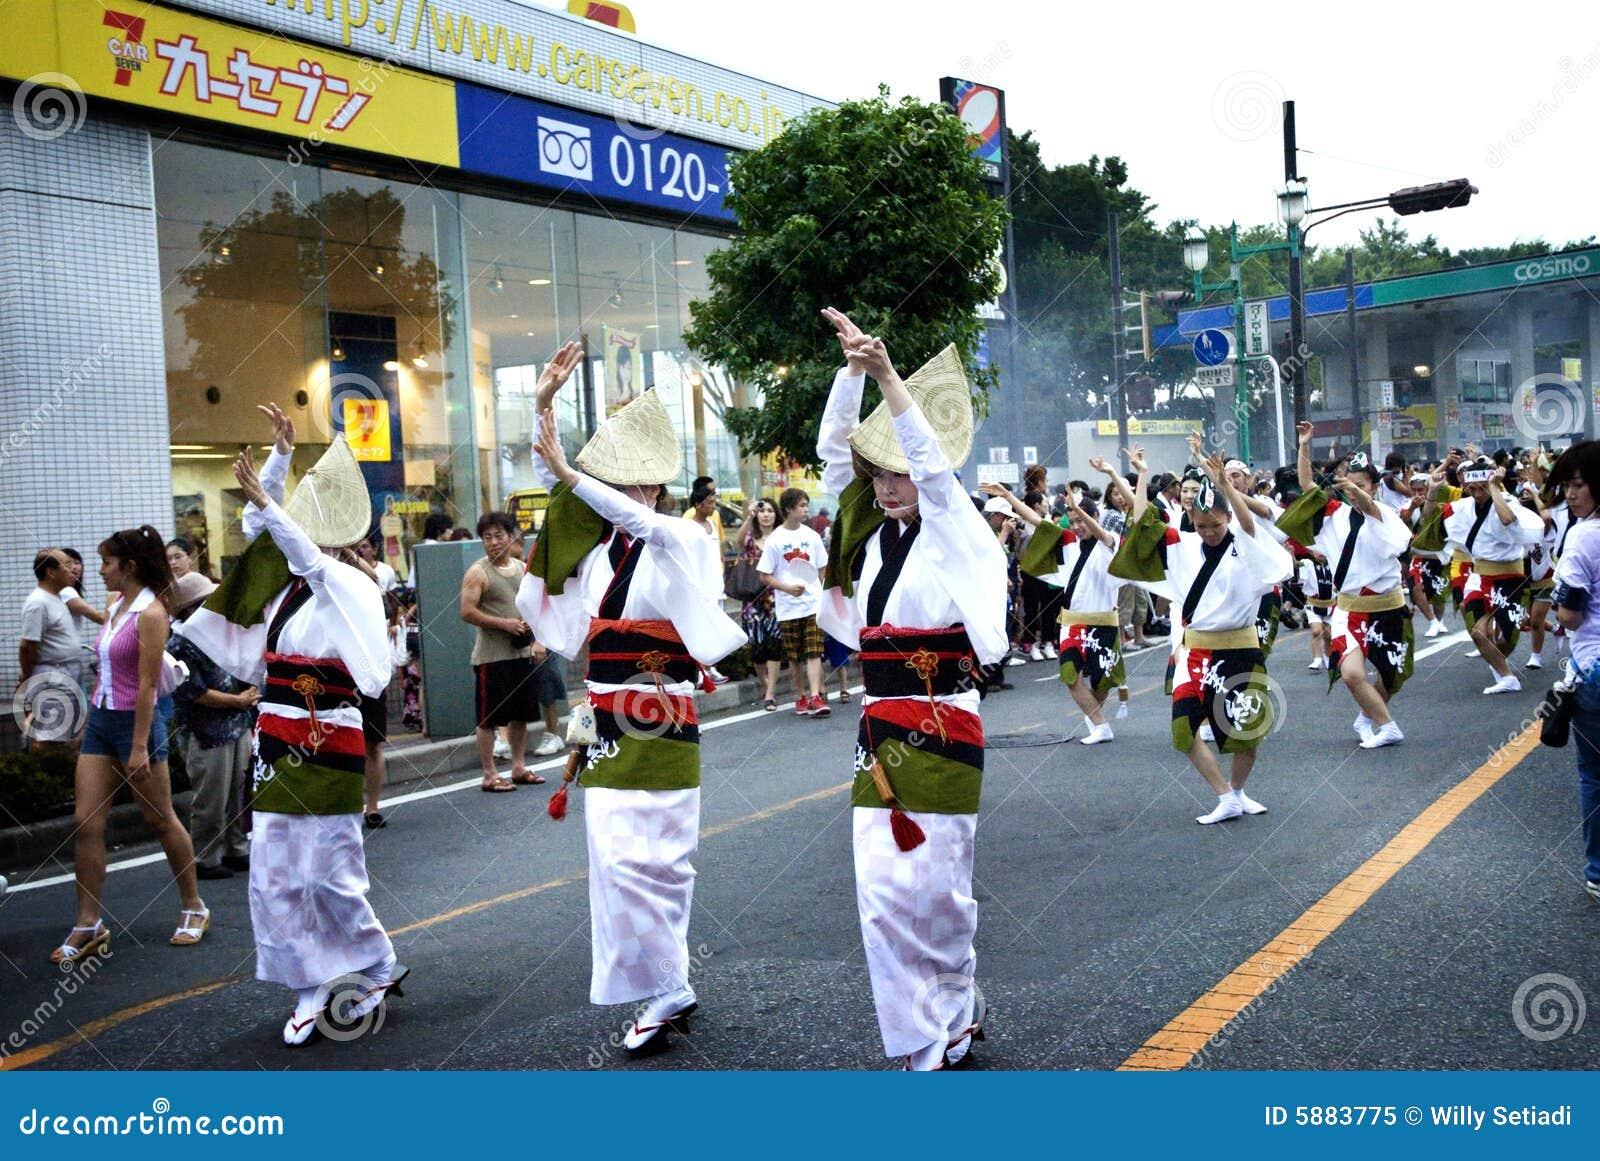 Awa Dance /Awa Odori